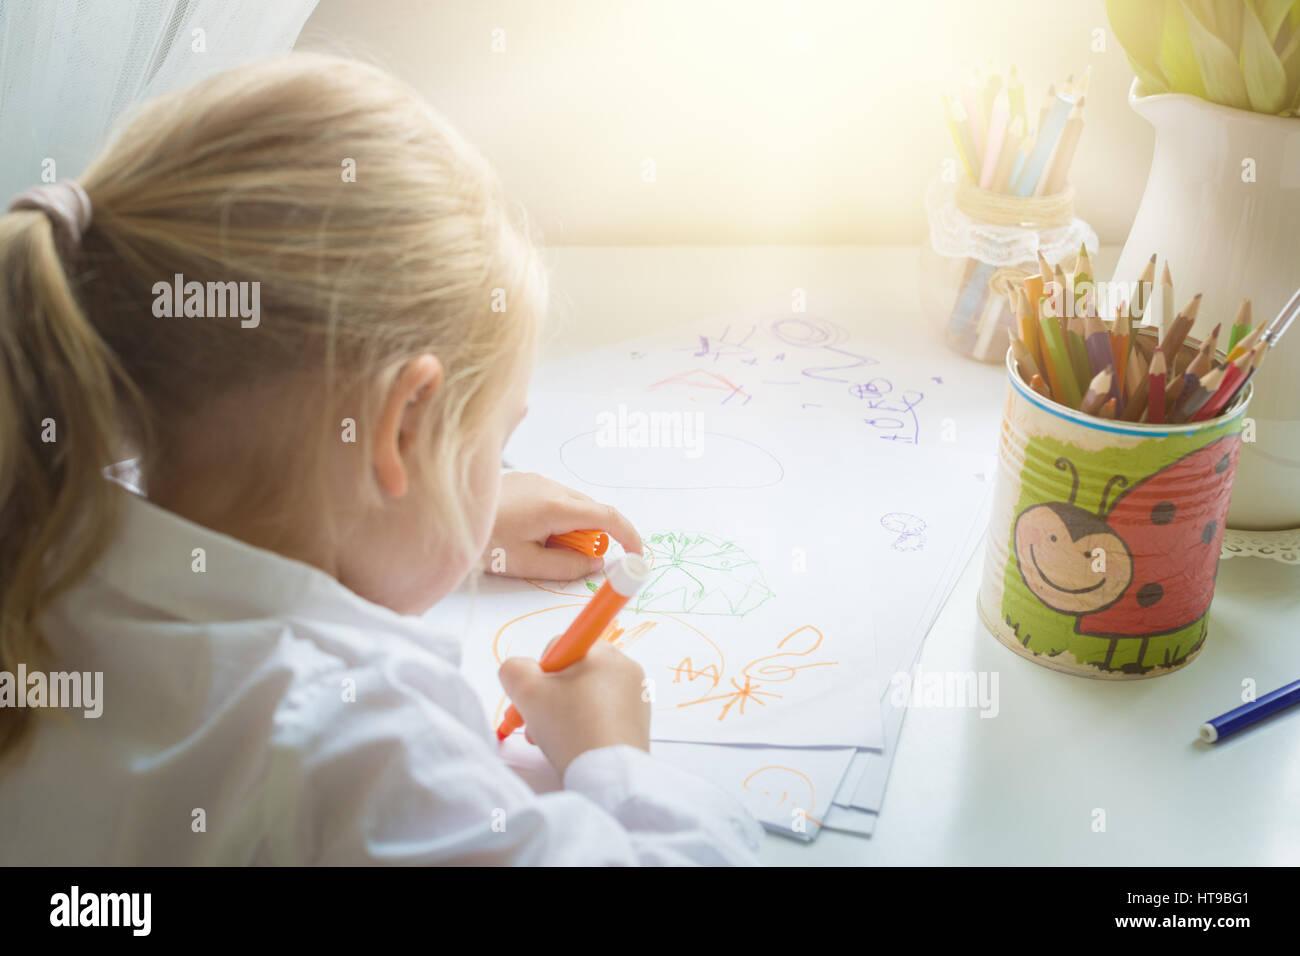 La créativité concept. petite fille dessin Photo Stock